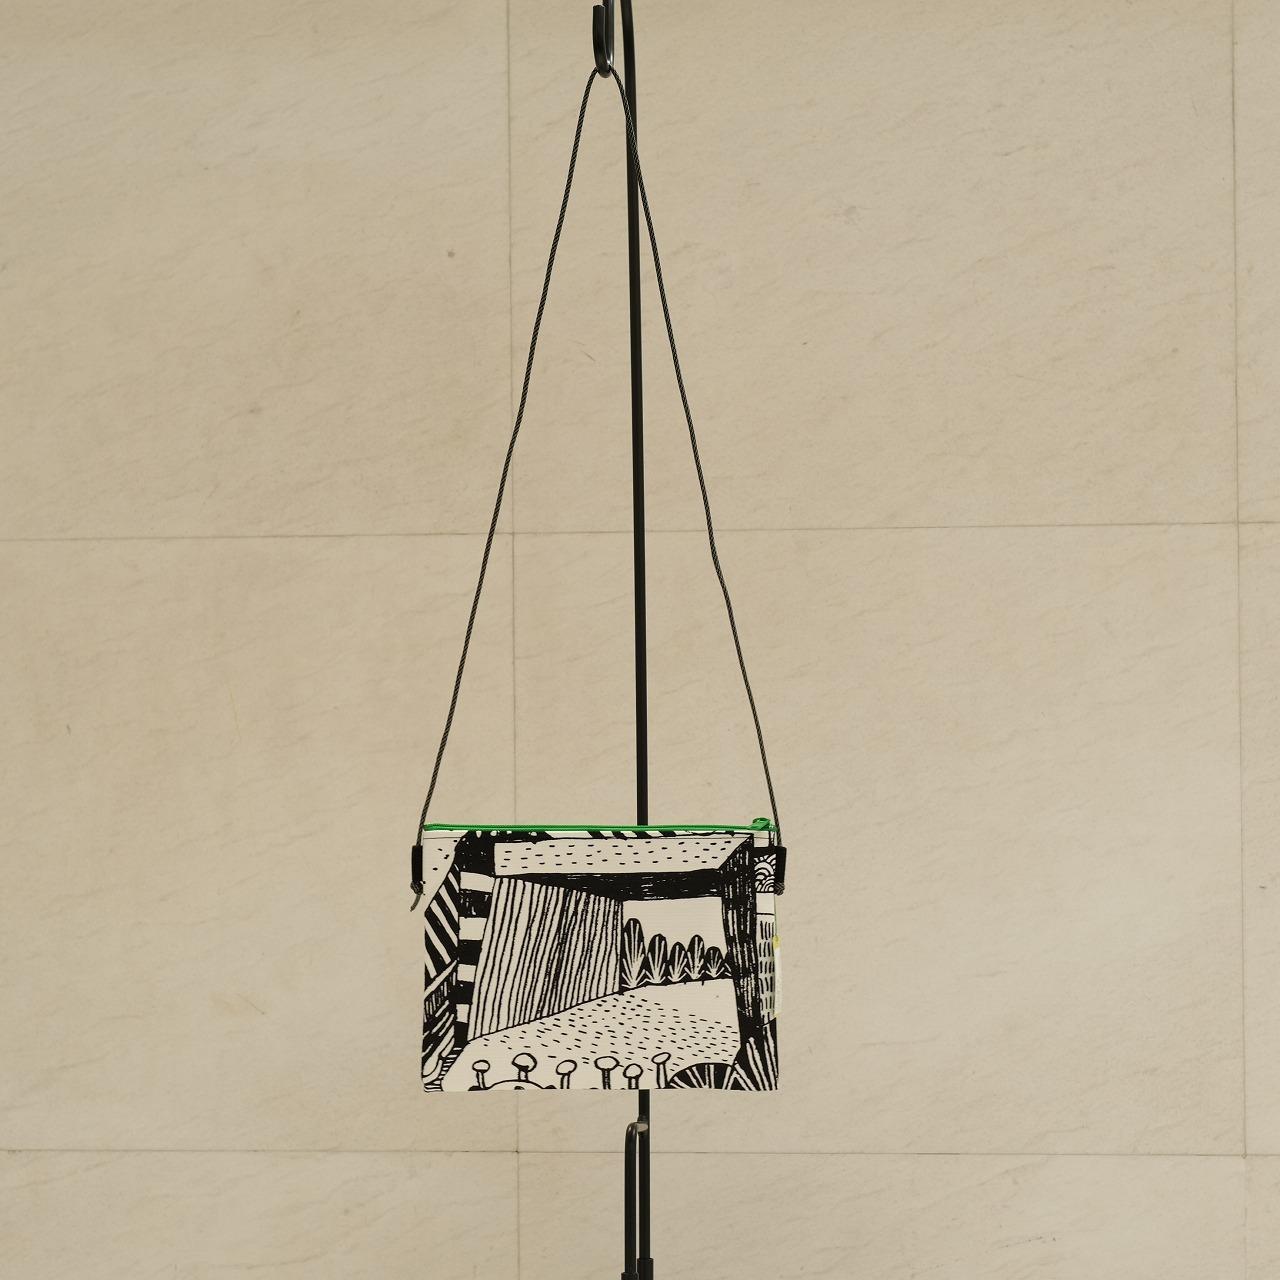 炭酸デザイン室 オンライン展示会 サコッシュ_d0182409_17021008.jpg